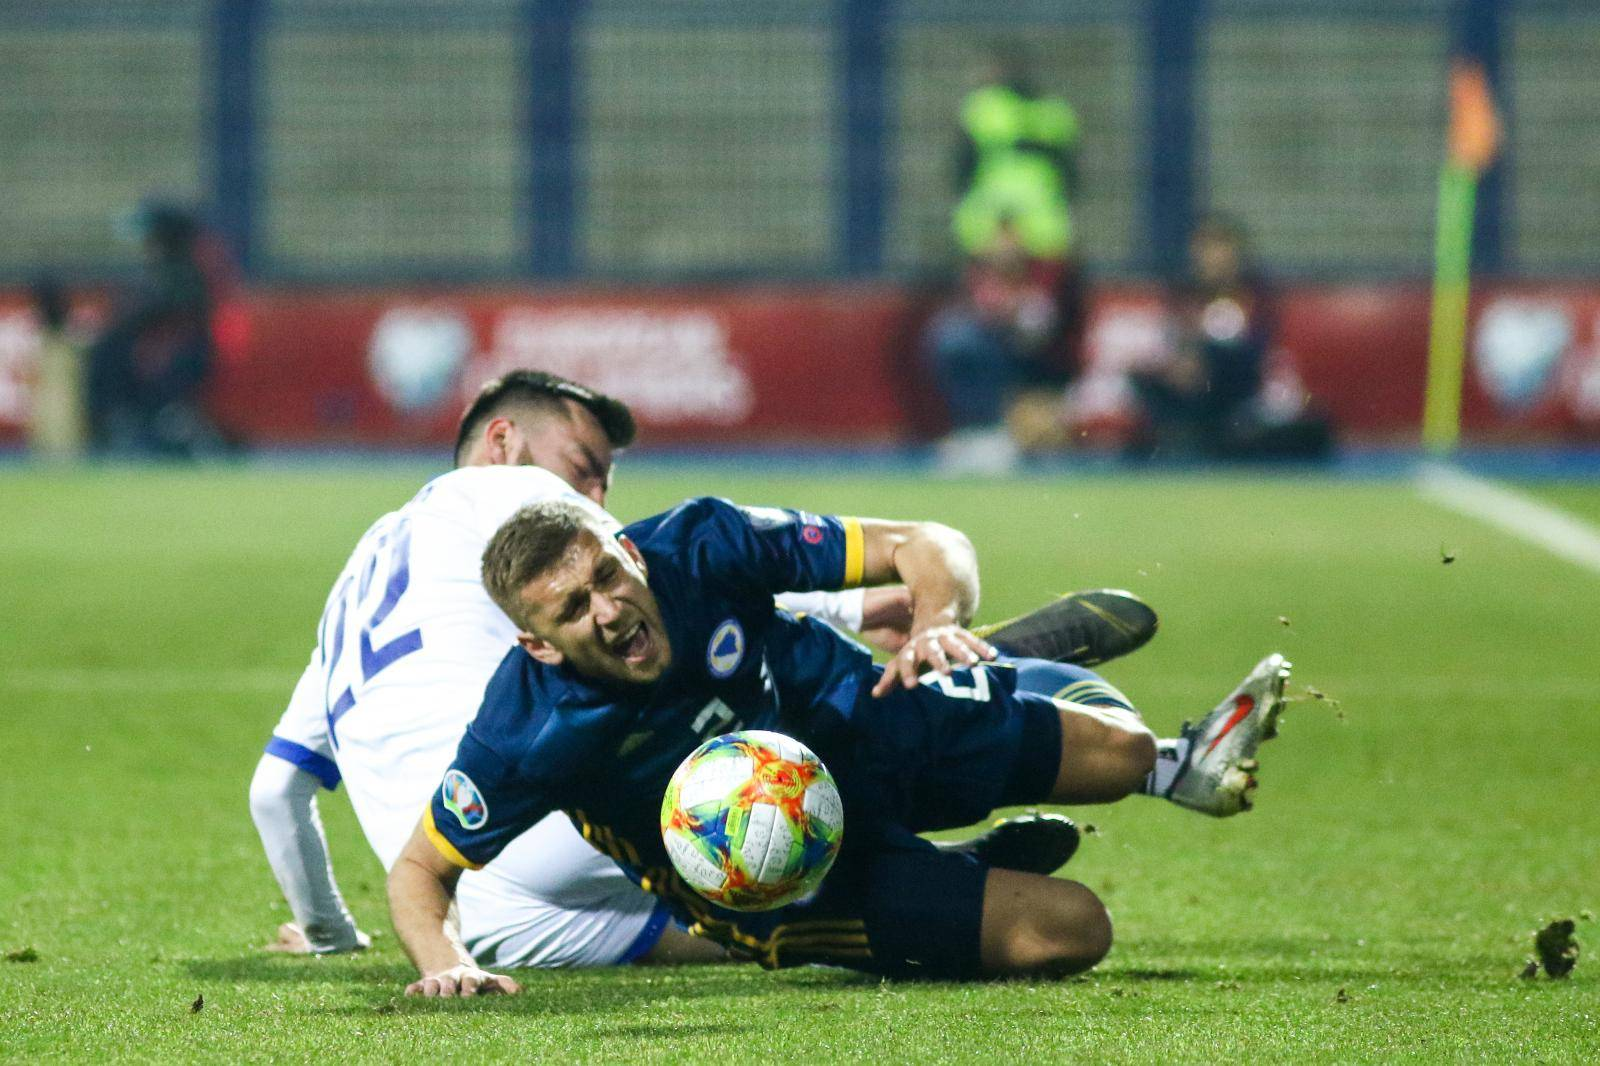 Kvalifikacijska utakmica za Europsko nogometno prvenstvo